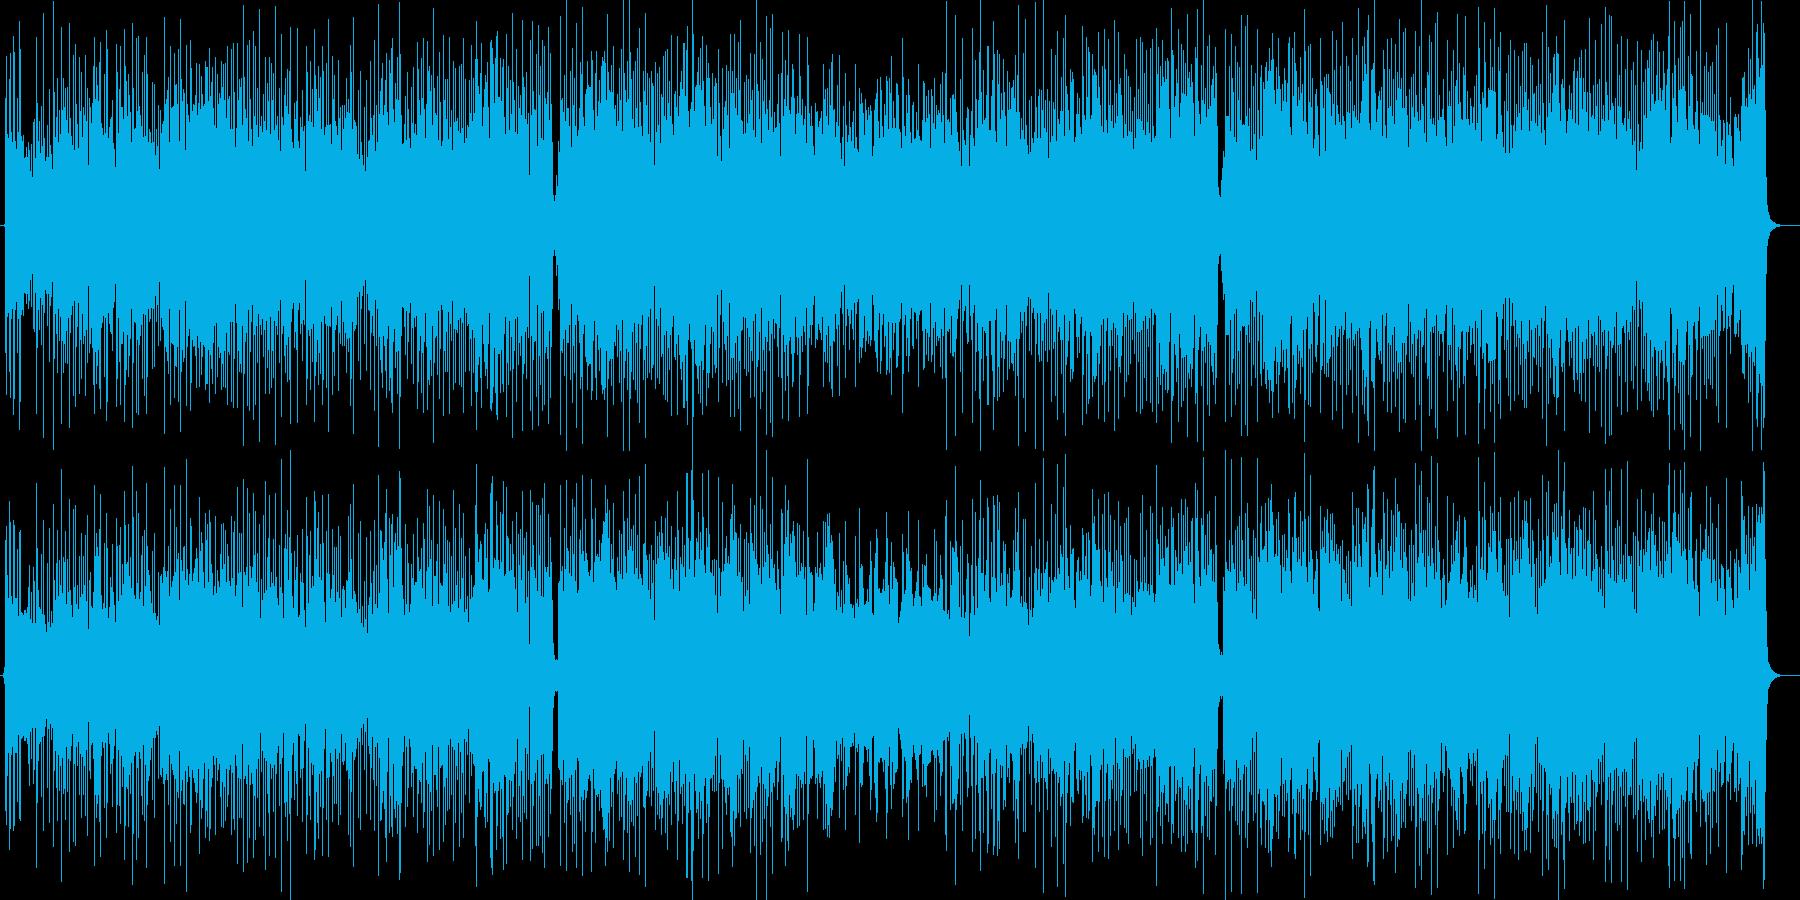 爽やかマリン風ギターシンセポップの再生済みの波形